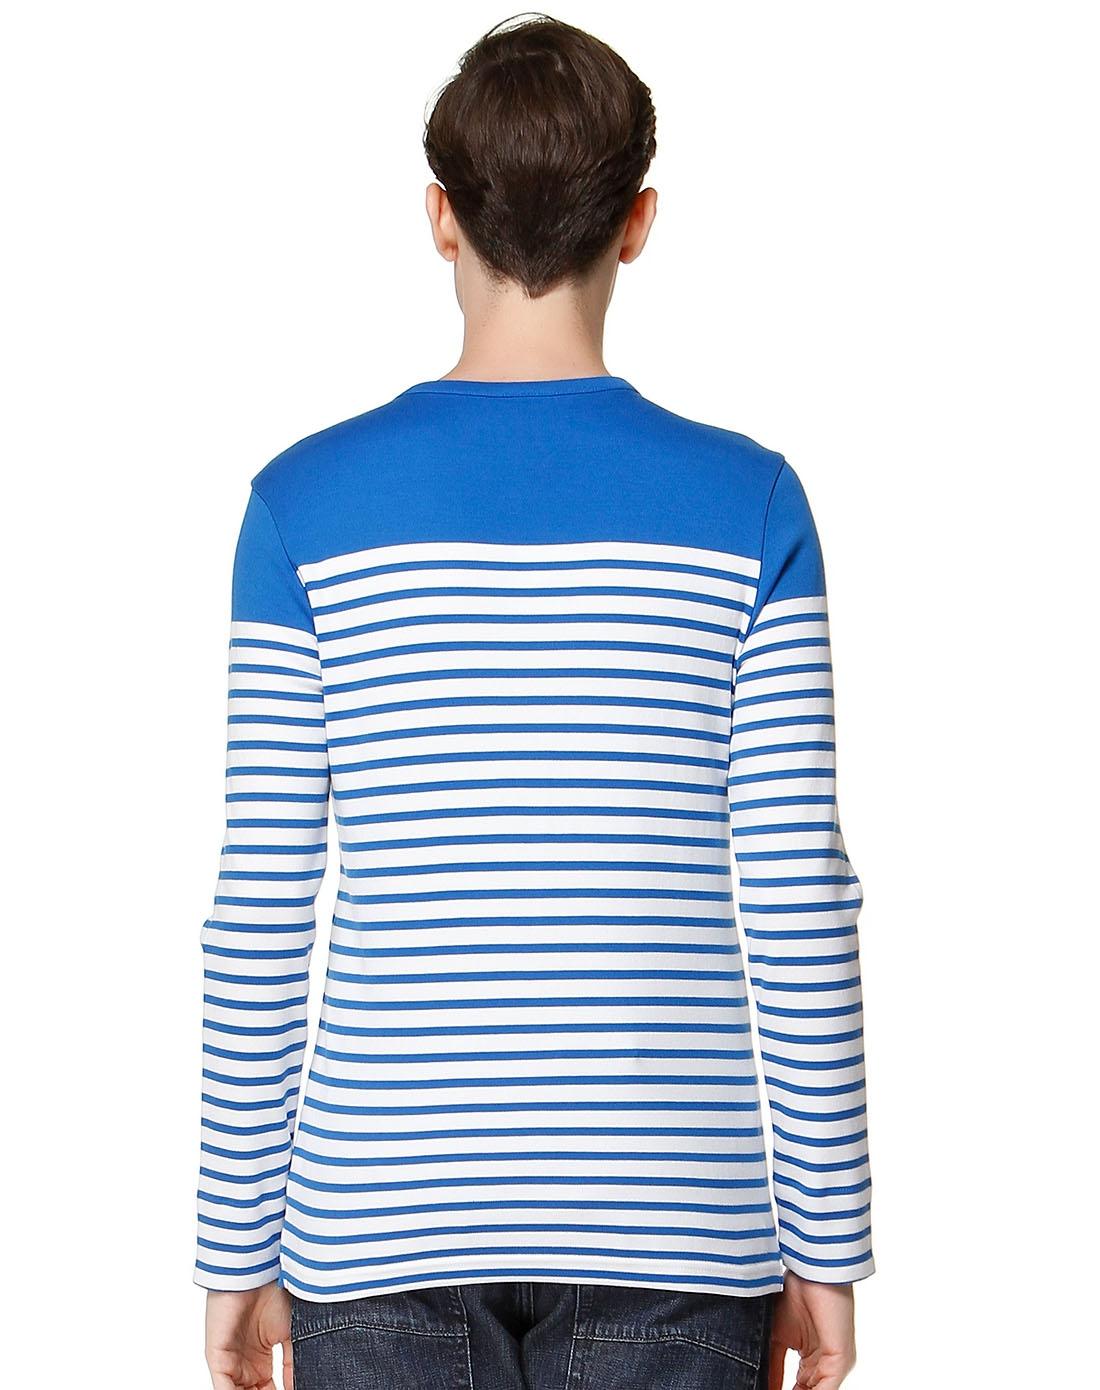 条纹蓝白色长袖t恤